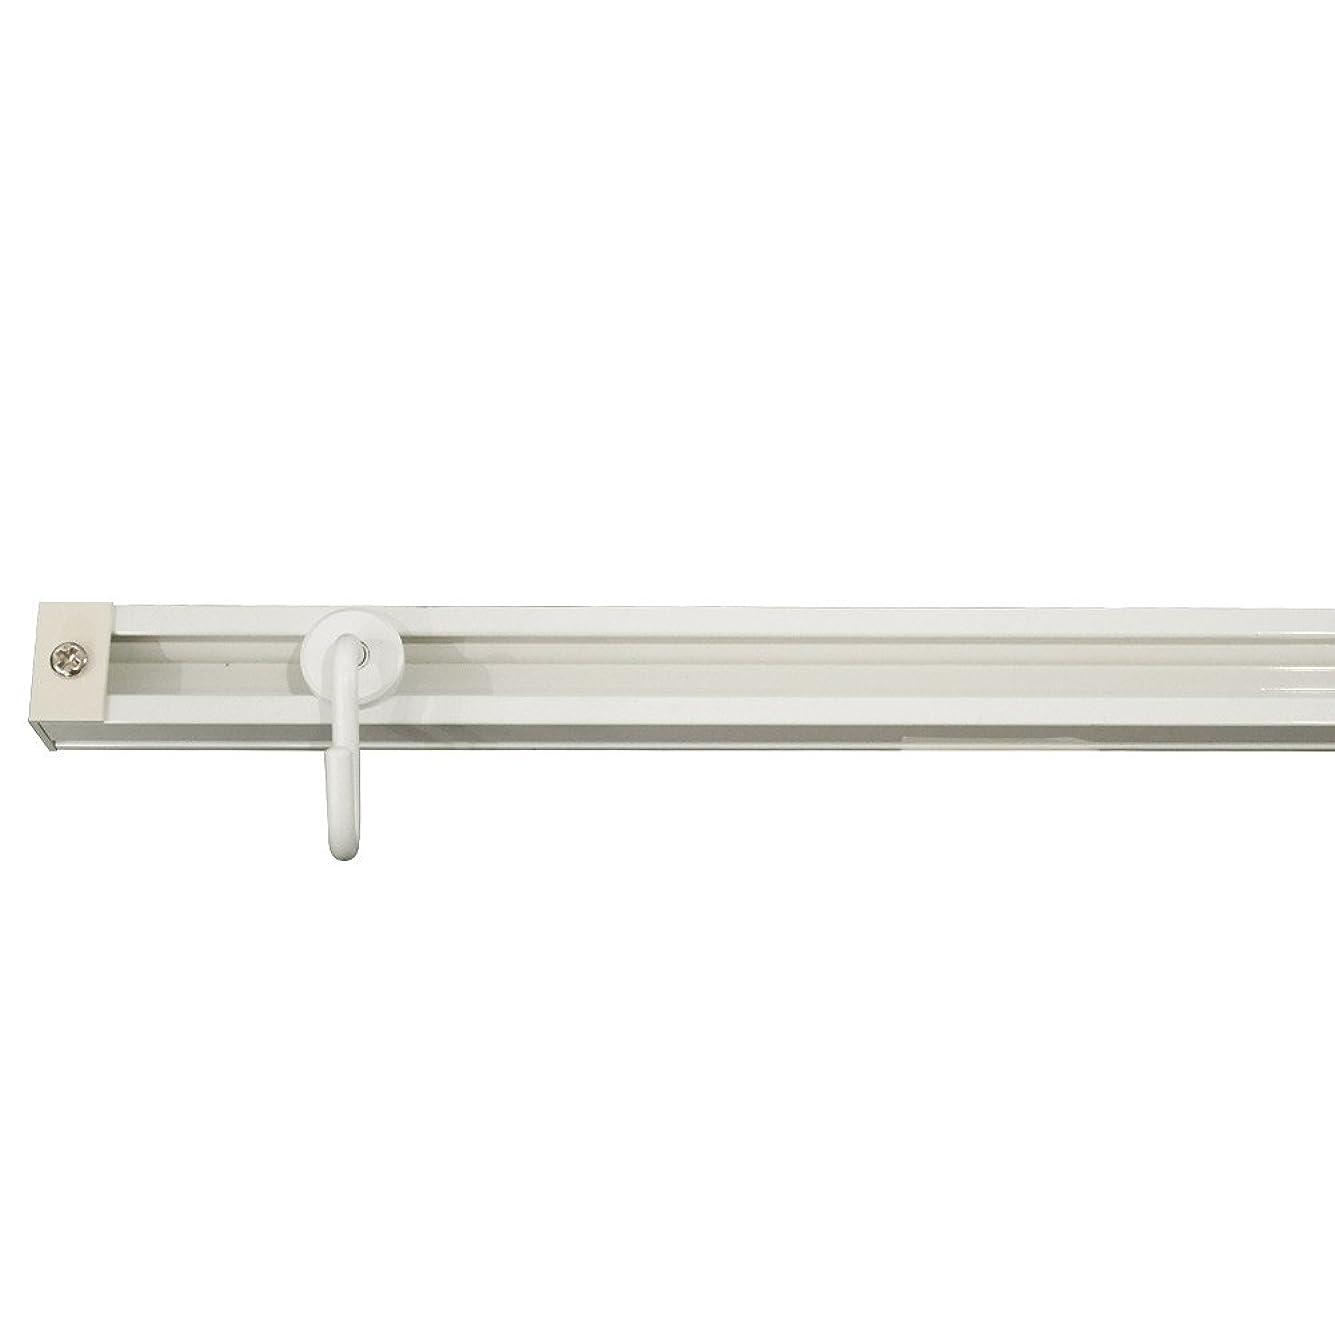 意図的必要条件反対にピクチャーレール ルーミー17 標準セット壁付用 ■ホワイト ▼300cm JQ5